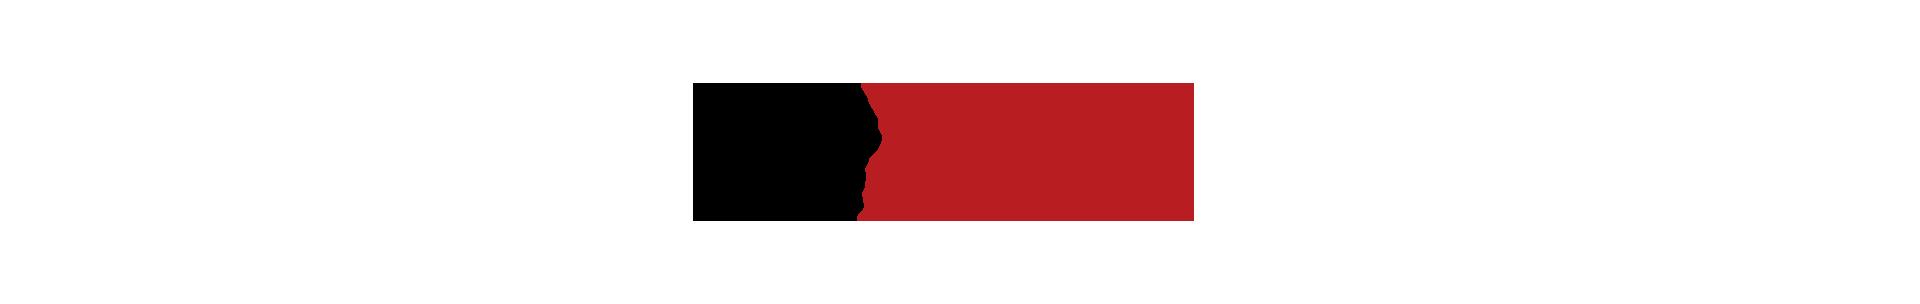 """Icon-Menschen im Kreis und Schriftzug """"Workshops & Ideenwerkstatt"""""""